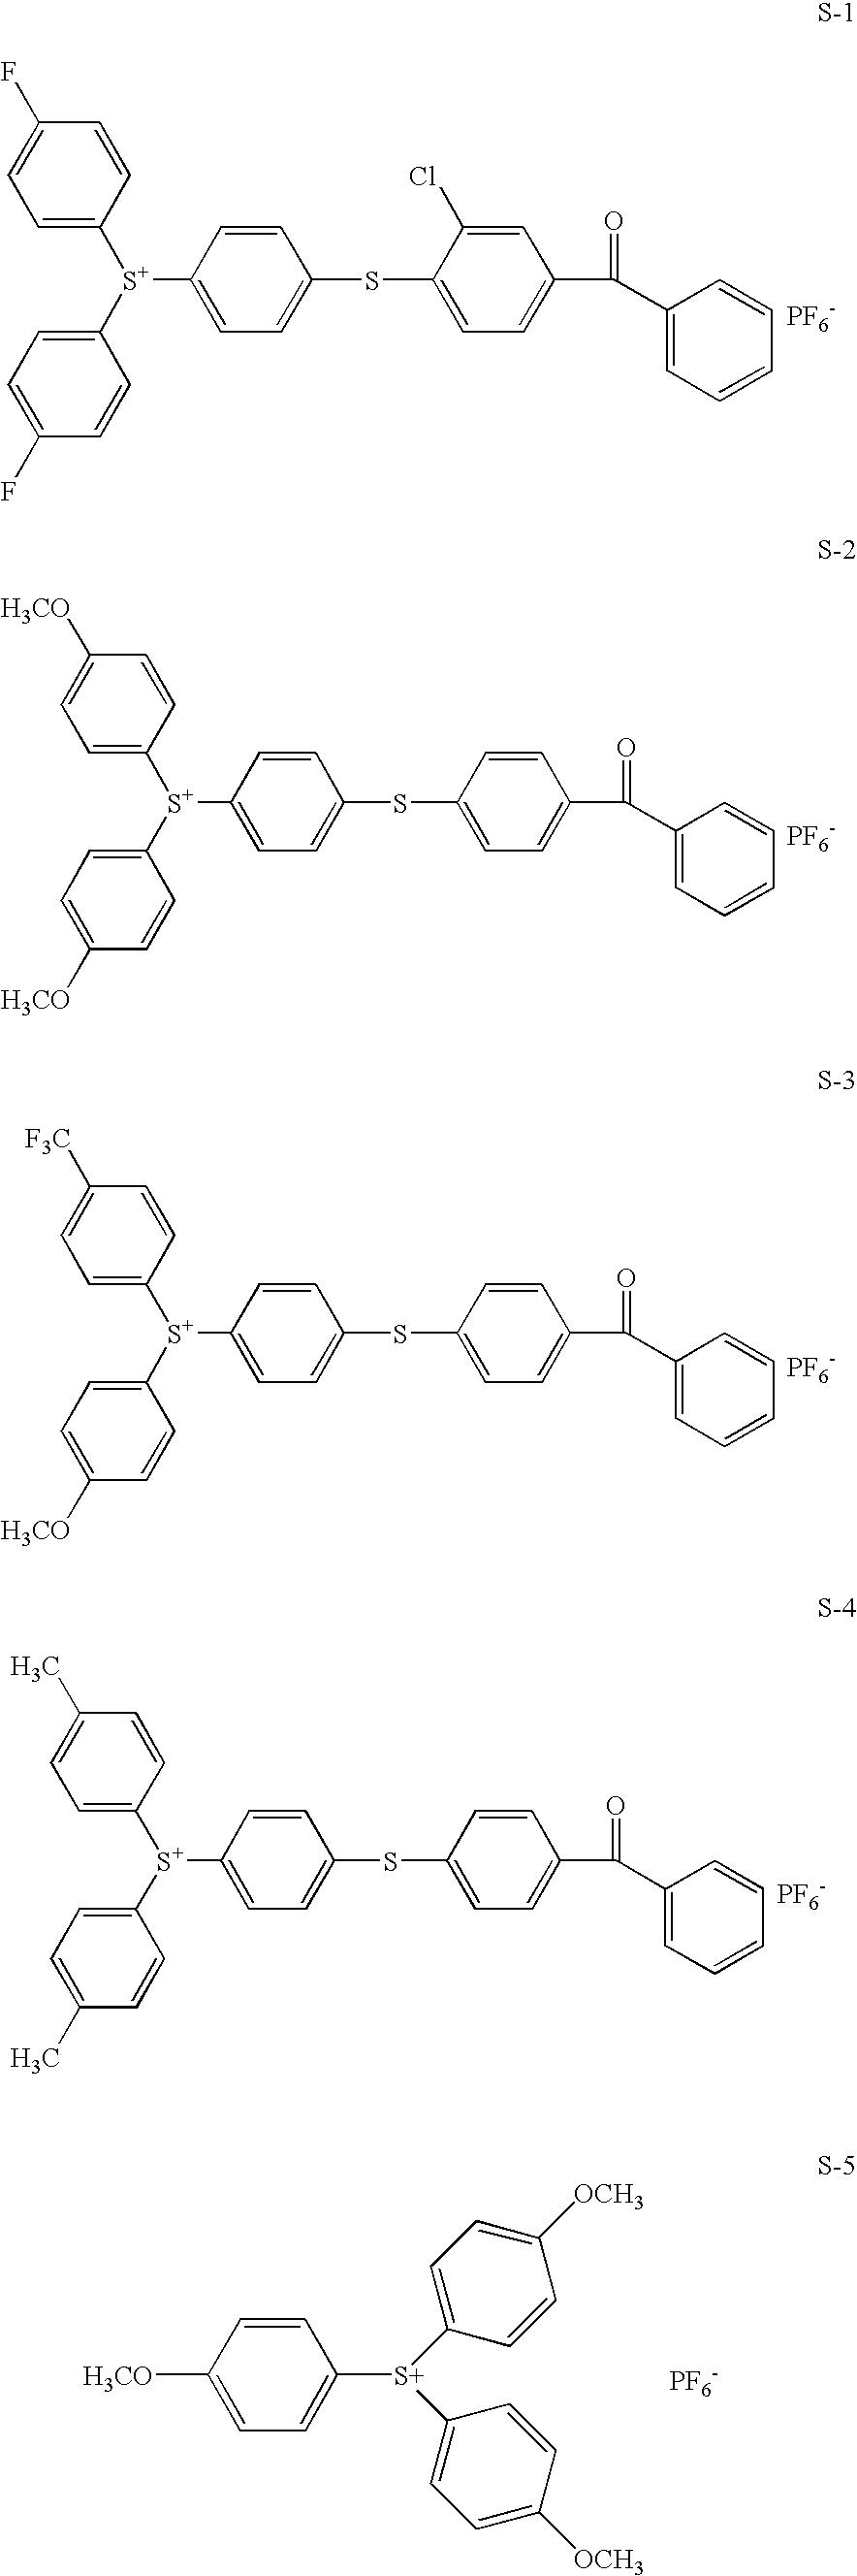 Figure US07473718-20090106-C00015